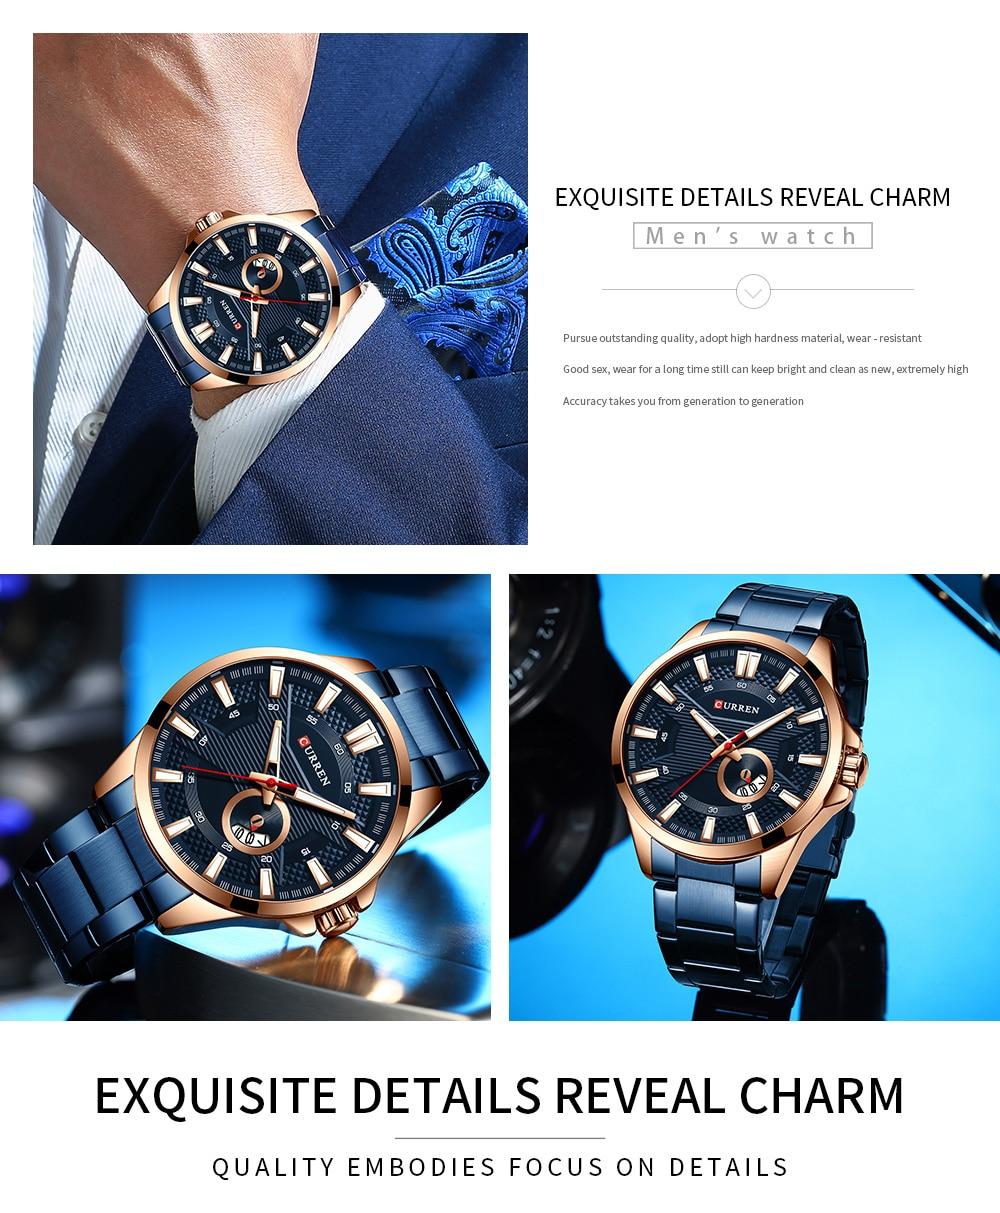 H53107d4a6a704c69832e74c77f98ae0e7 New Stainless Steel Quartz Men's Watches Fashion CURREN Wrist Watch Causal Business Watch Top Luxury Brand Men Watch Male Clock